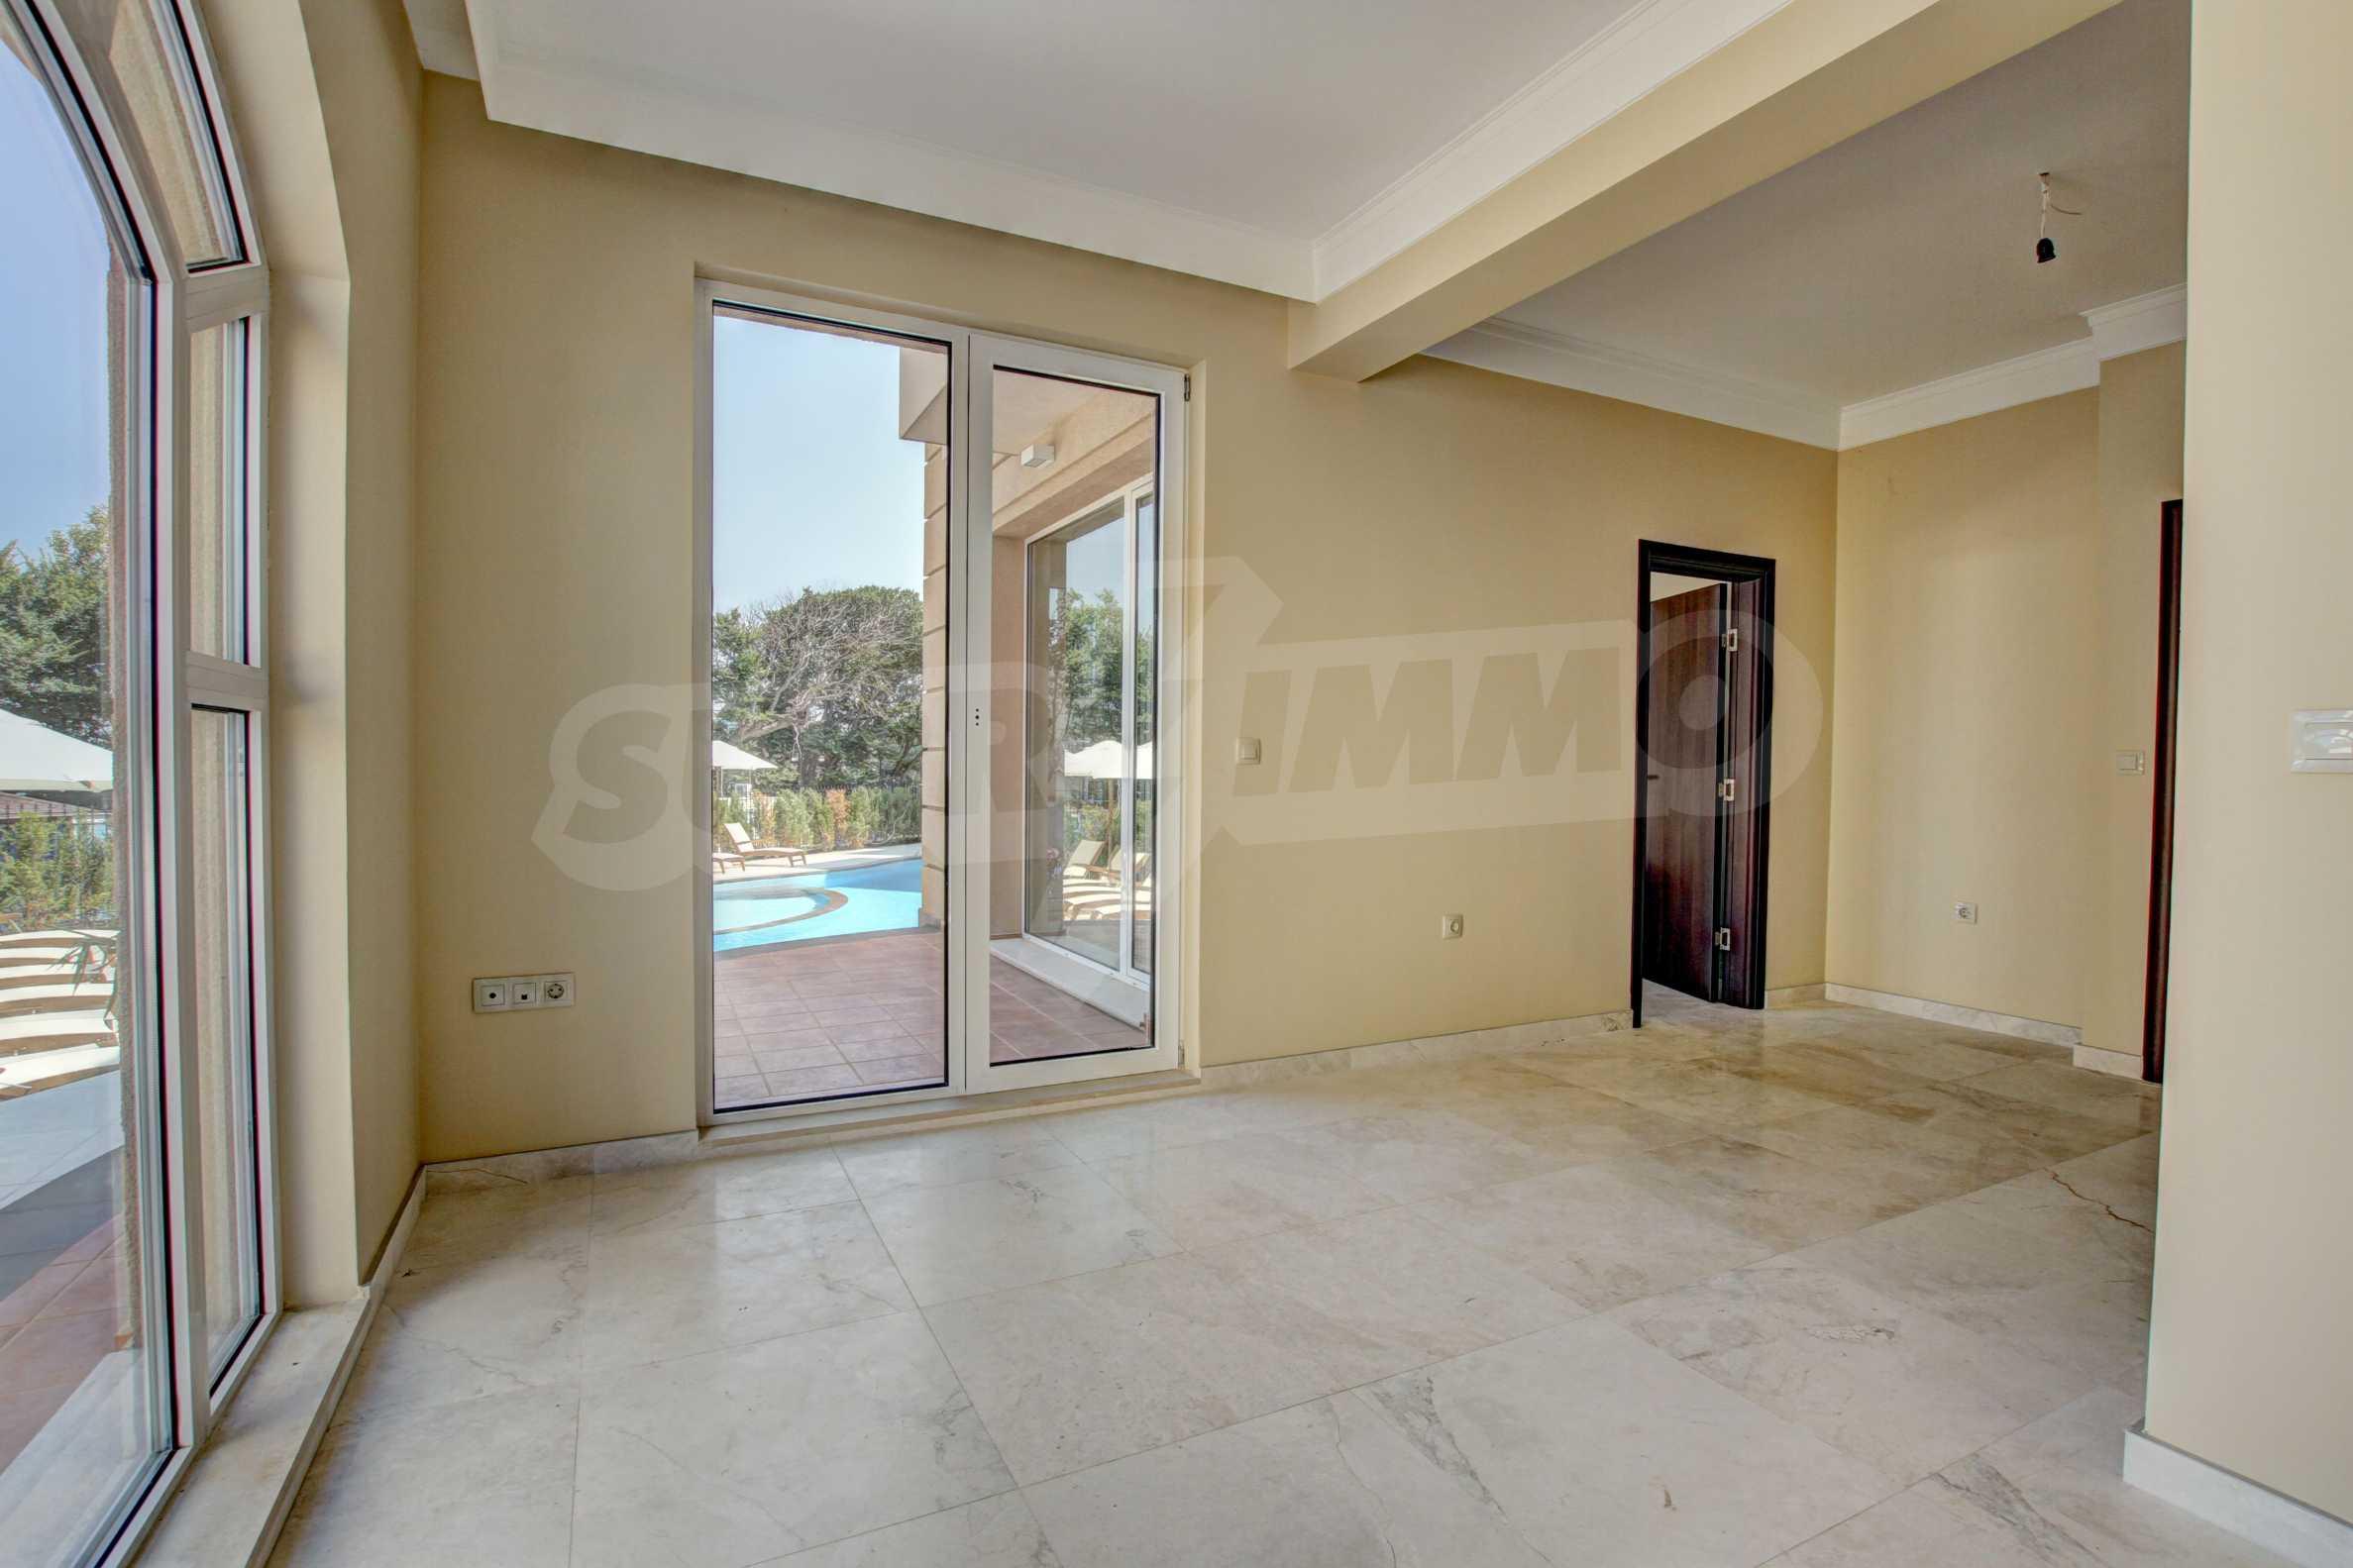 Нов апартамент в елитната резиденция в Лозенец - Belle Époque (ап. №C 103) 17